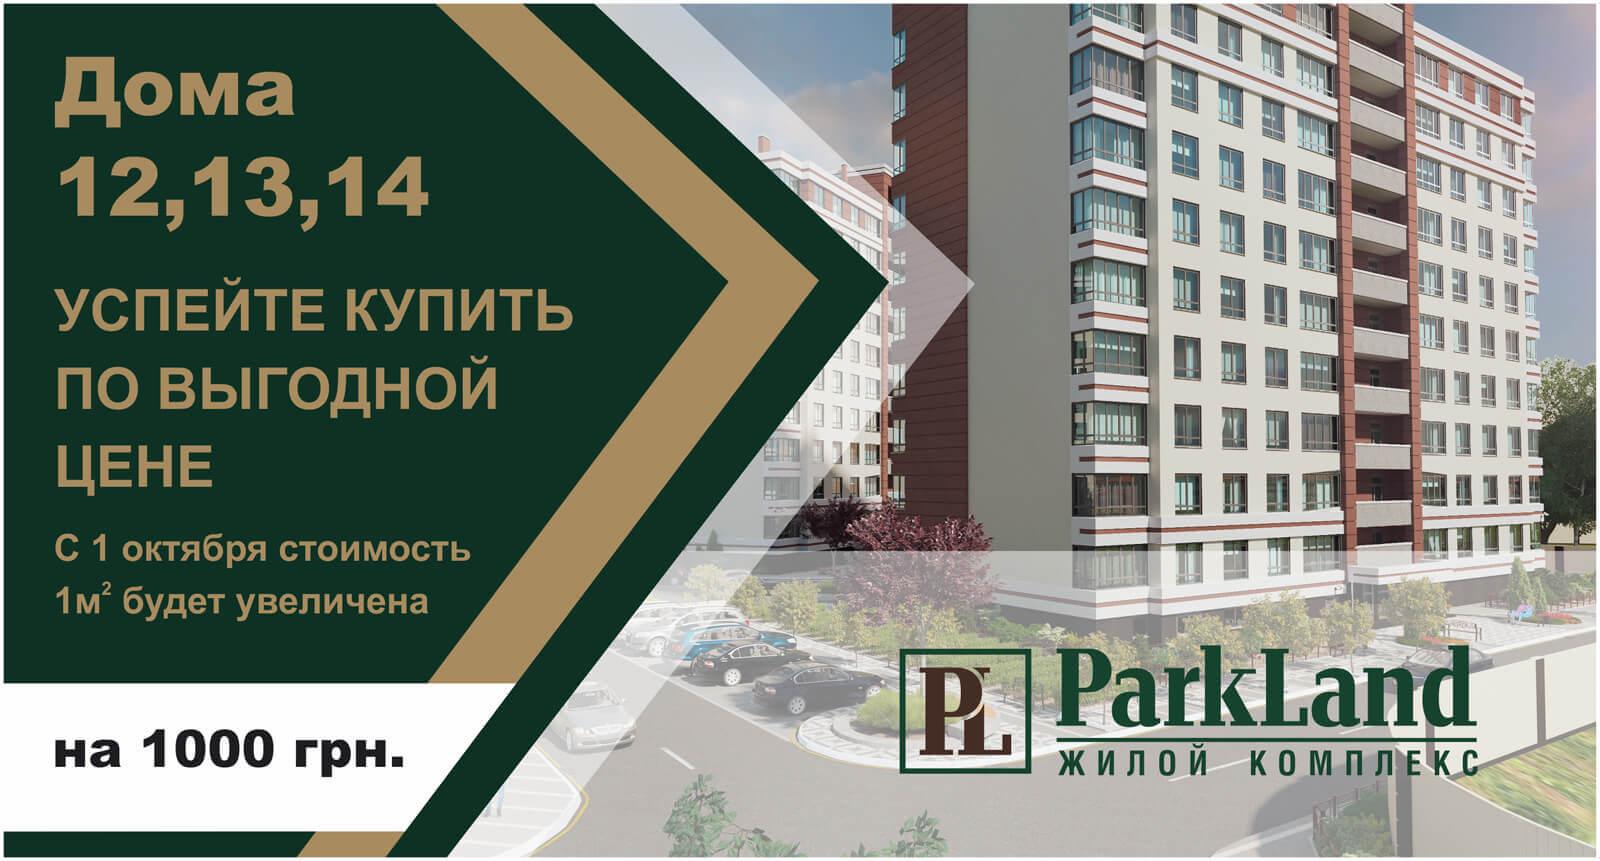 akzii-12,13,14_dom-ru